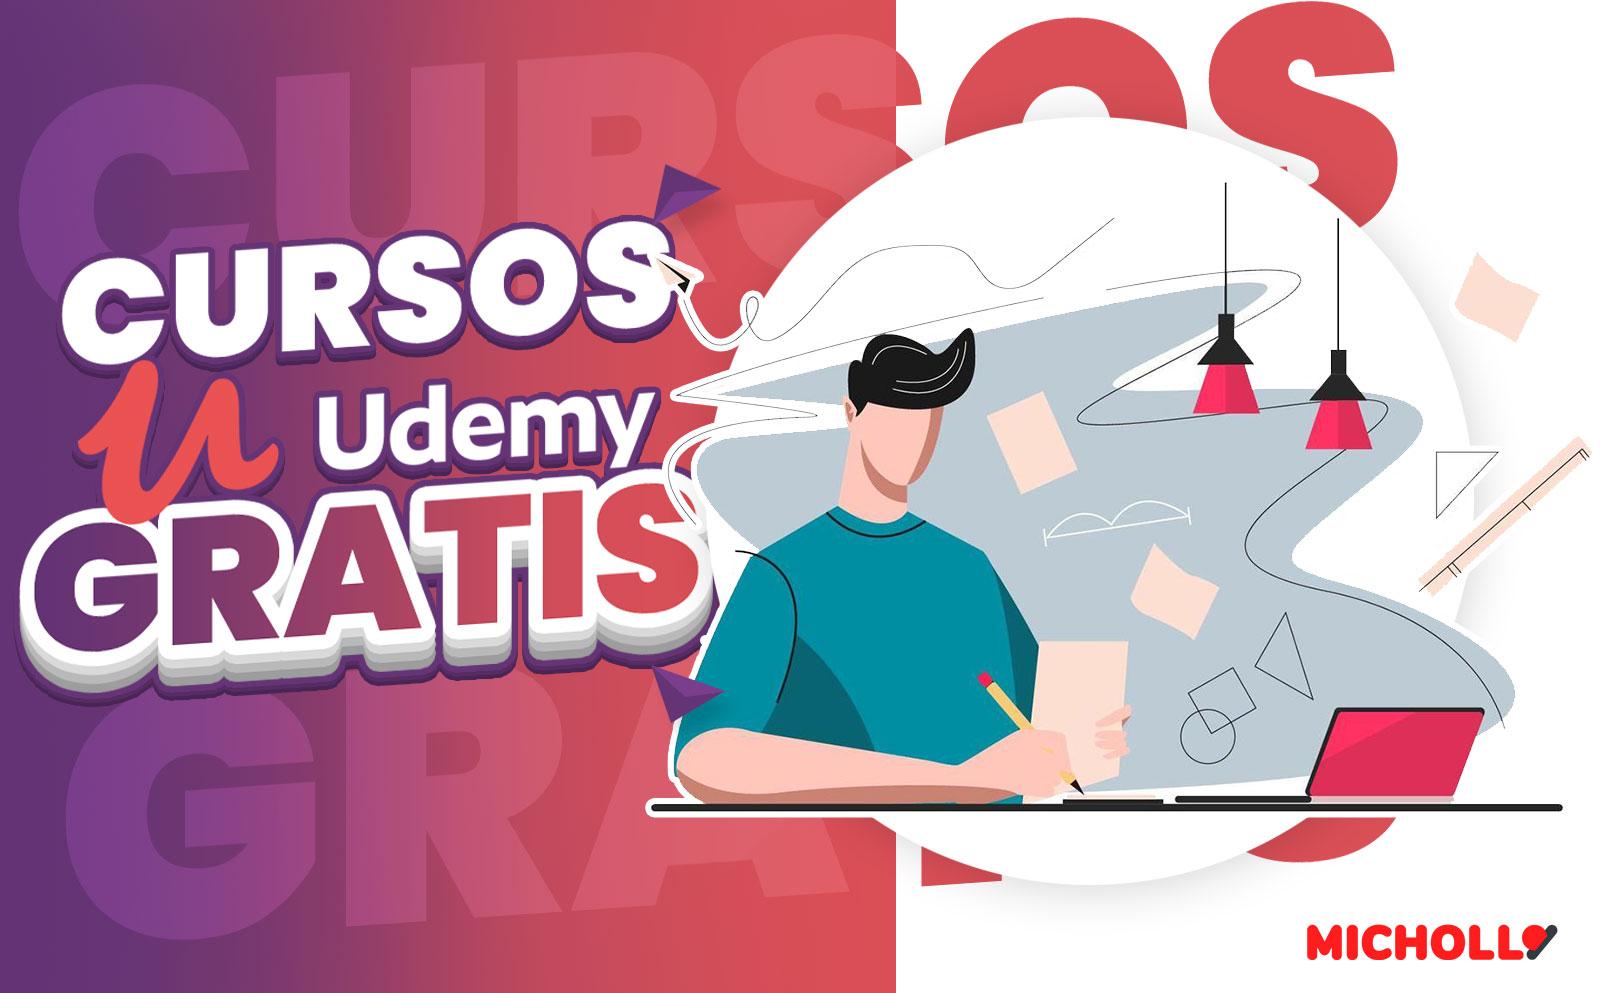 3 cursos Udemy GRATIS (Phyton, API,..)